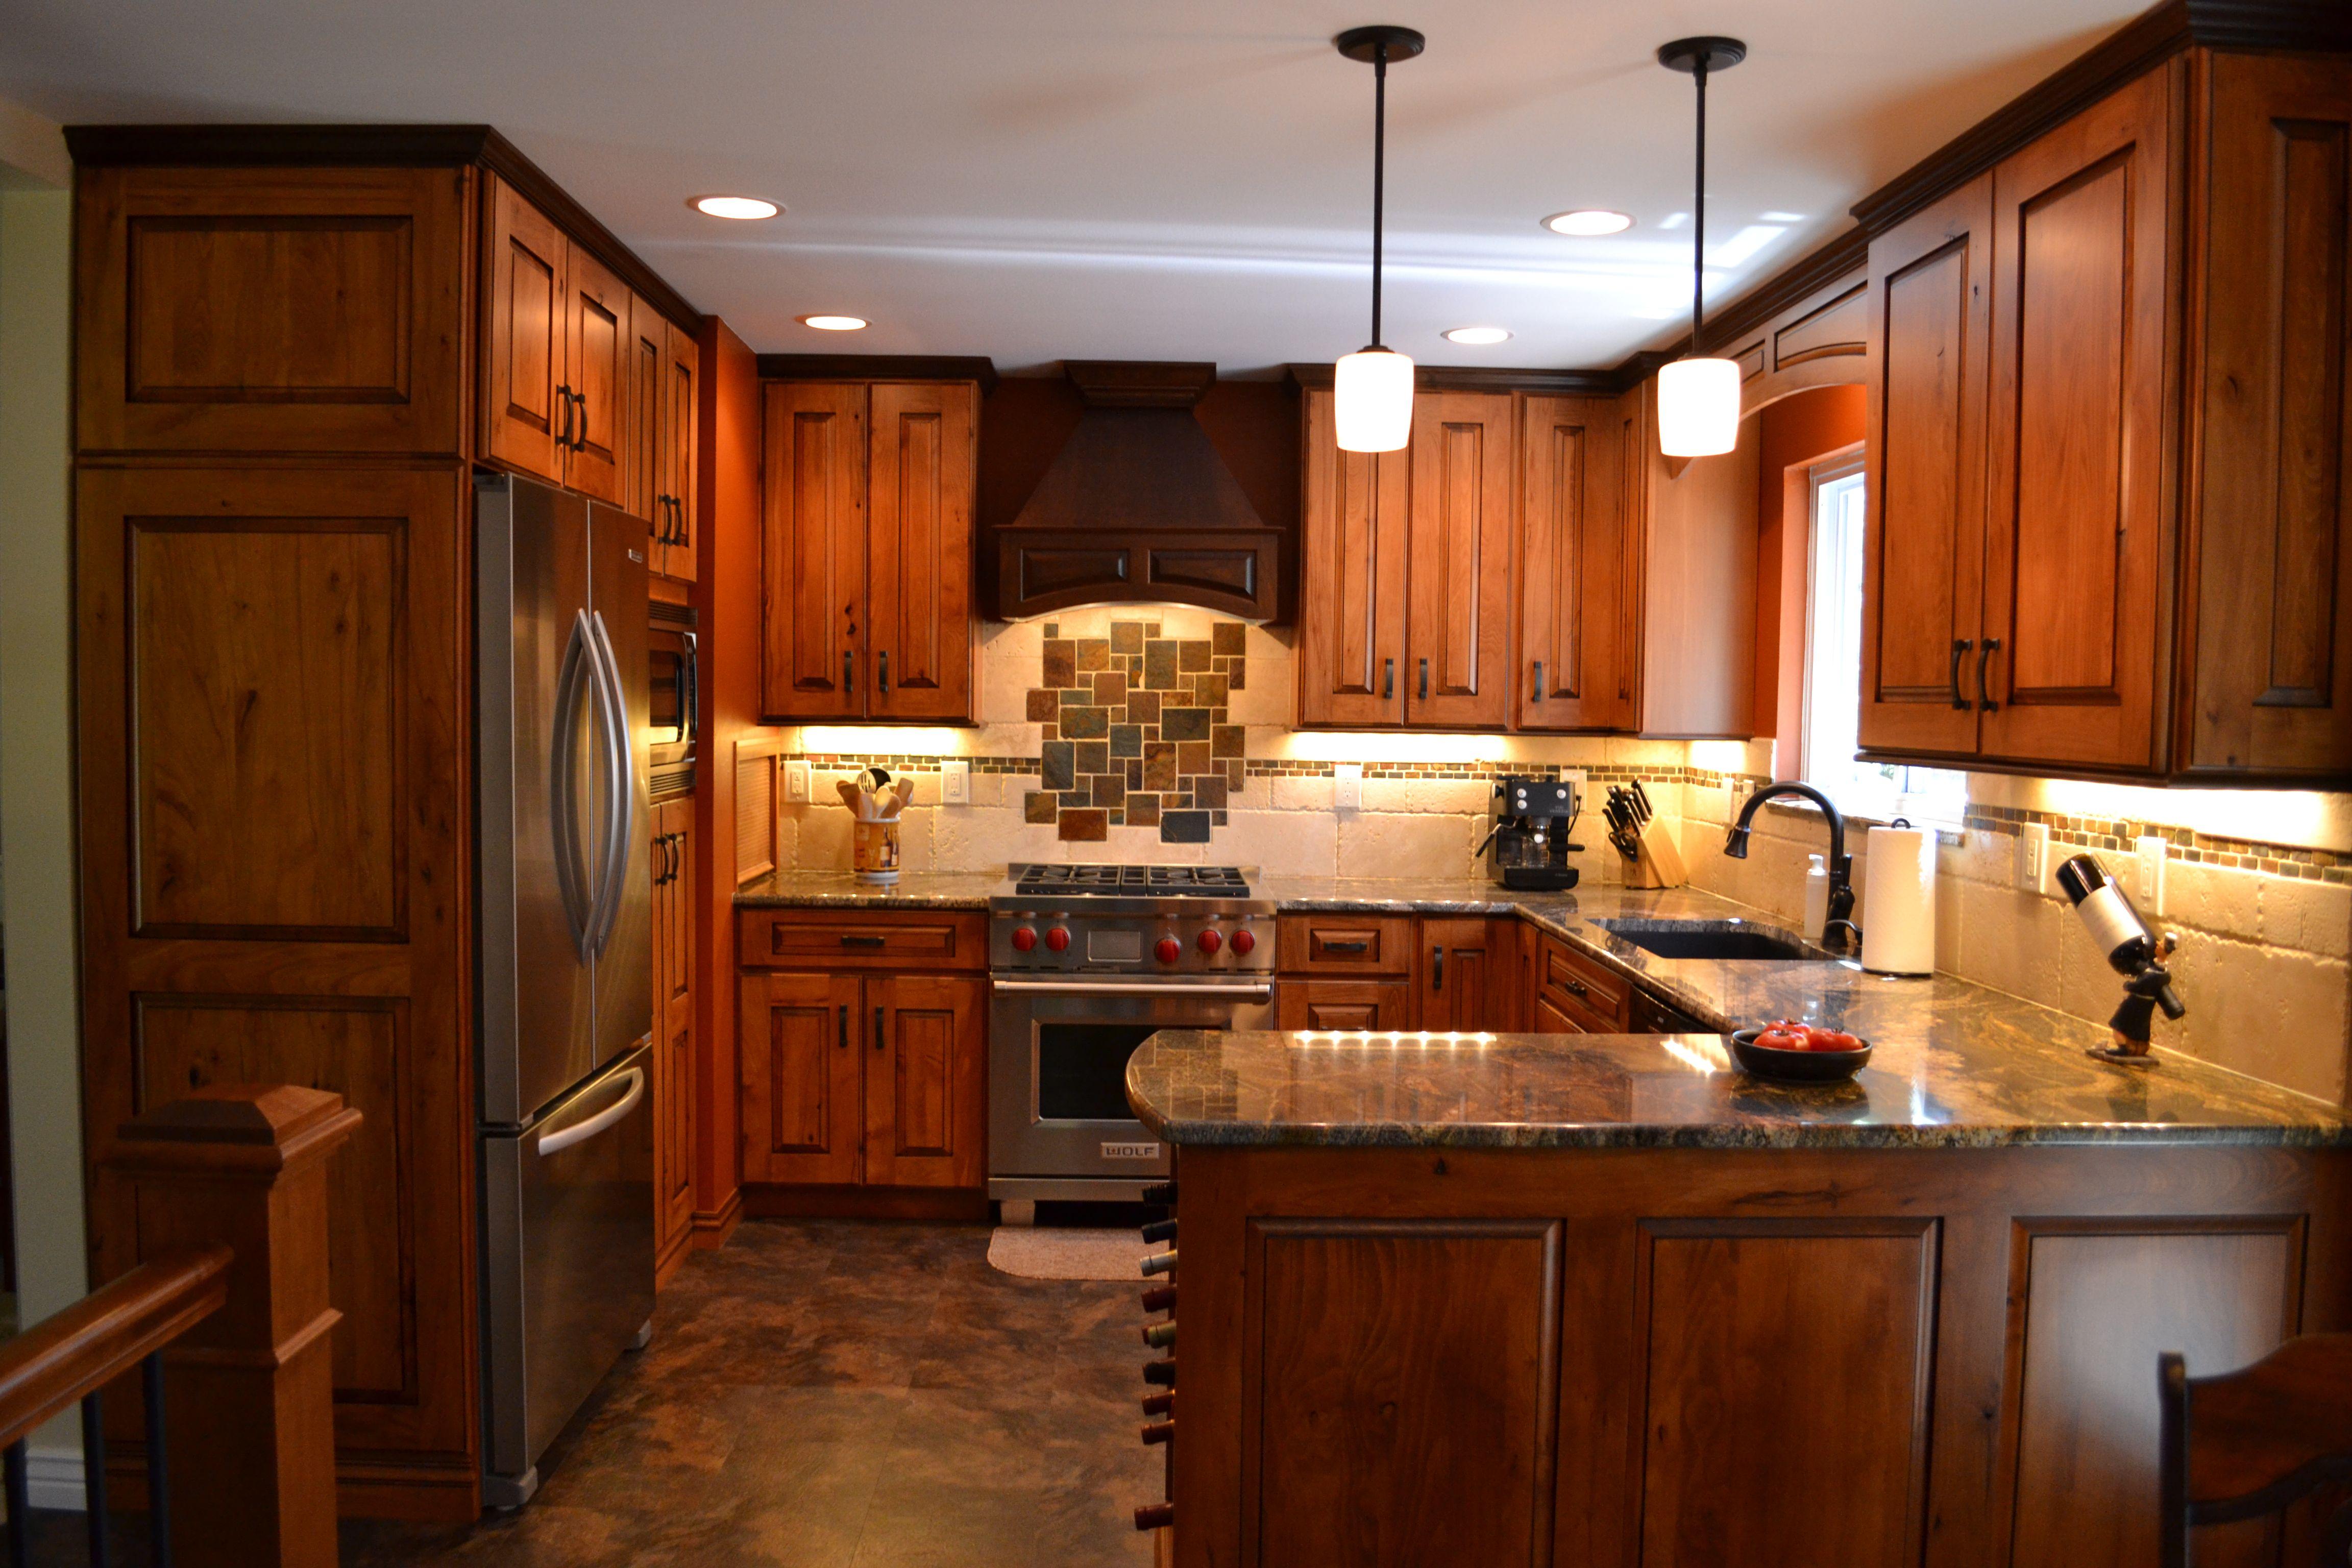 small u shaped kitchen kitchens pinterest stove cabinets and window on kitchen ideas u shaped id=70852